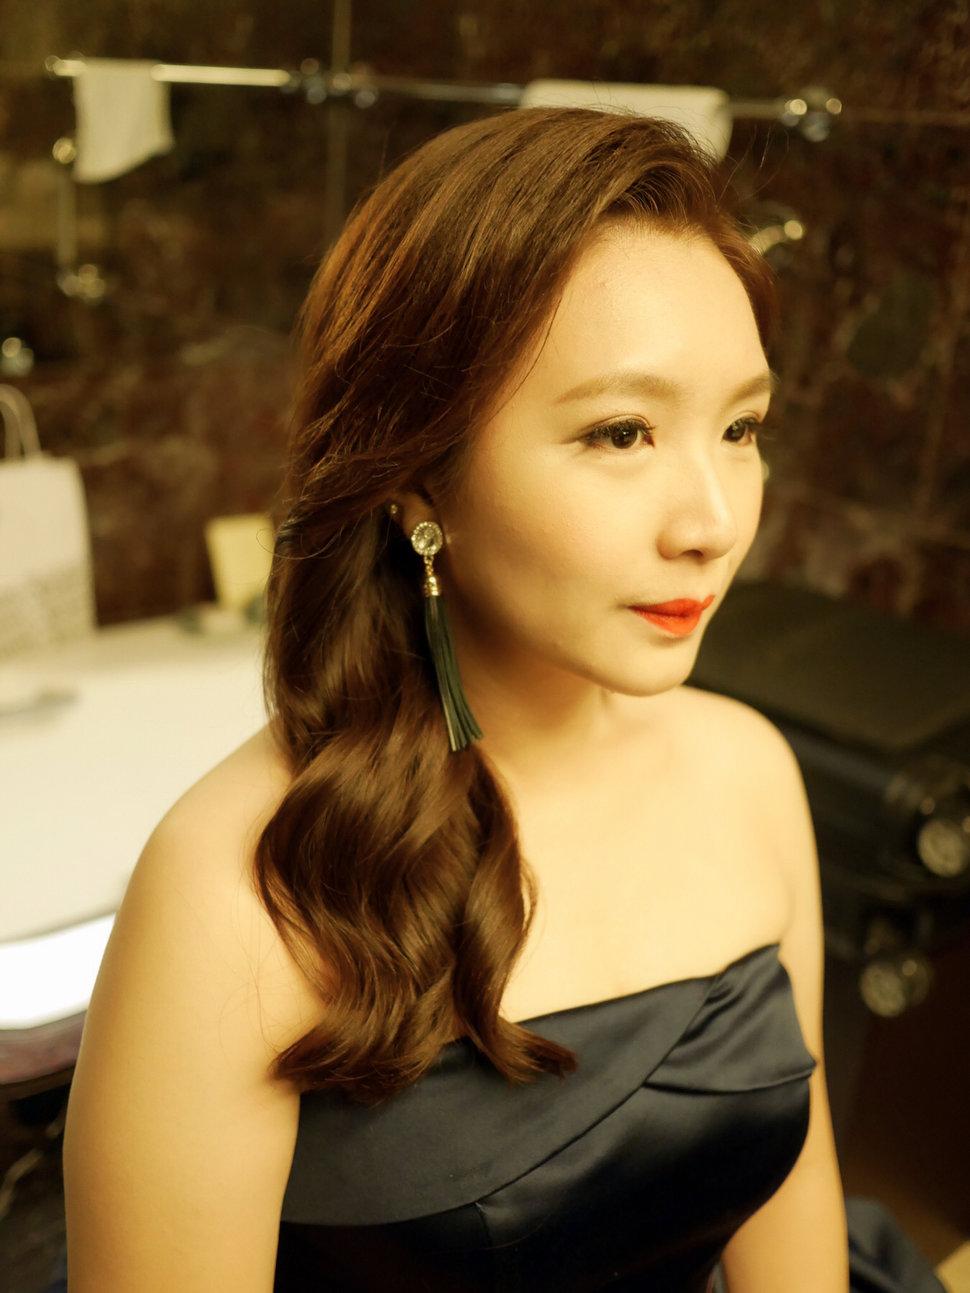 260 - 桓伶 (huan-ling ) - 結婚吧